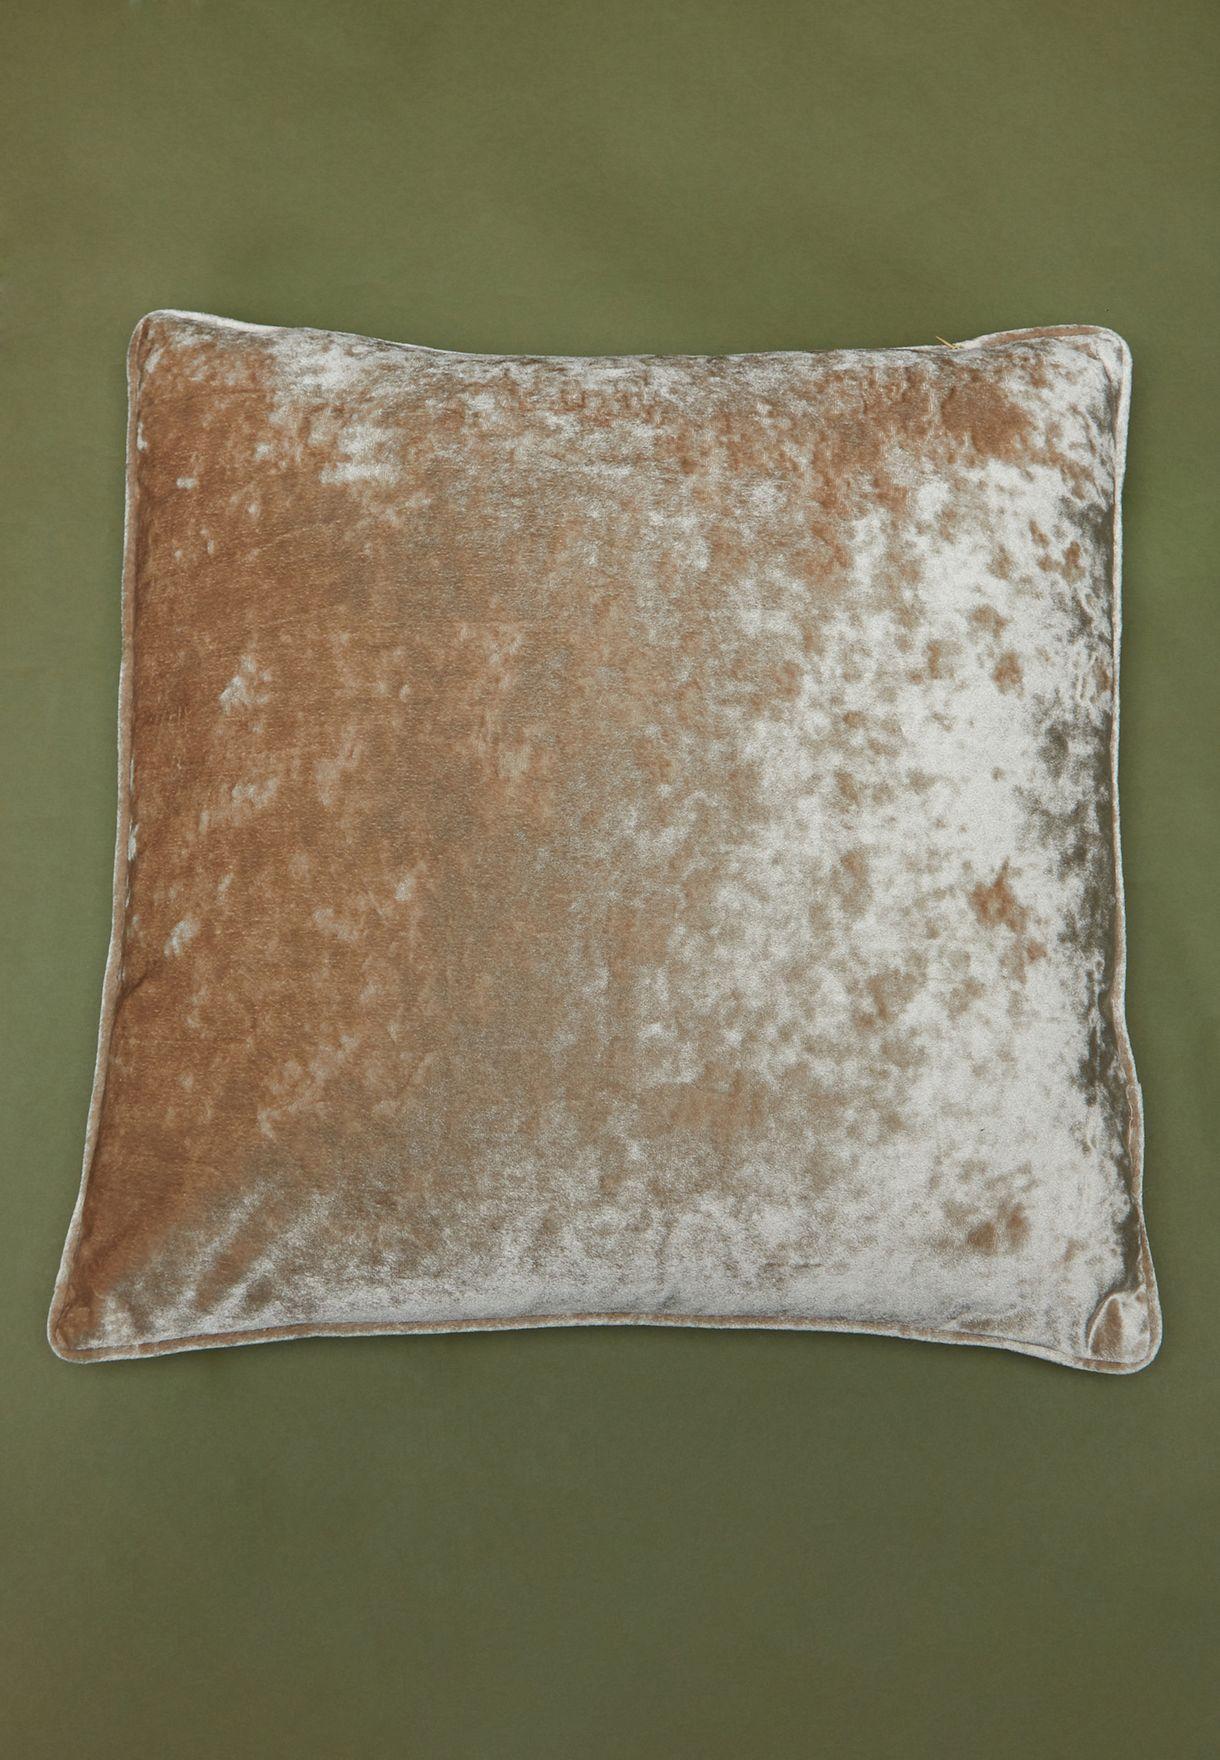 Champagne Velvet Cushion With Insert 50cm x 50cm